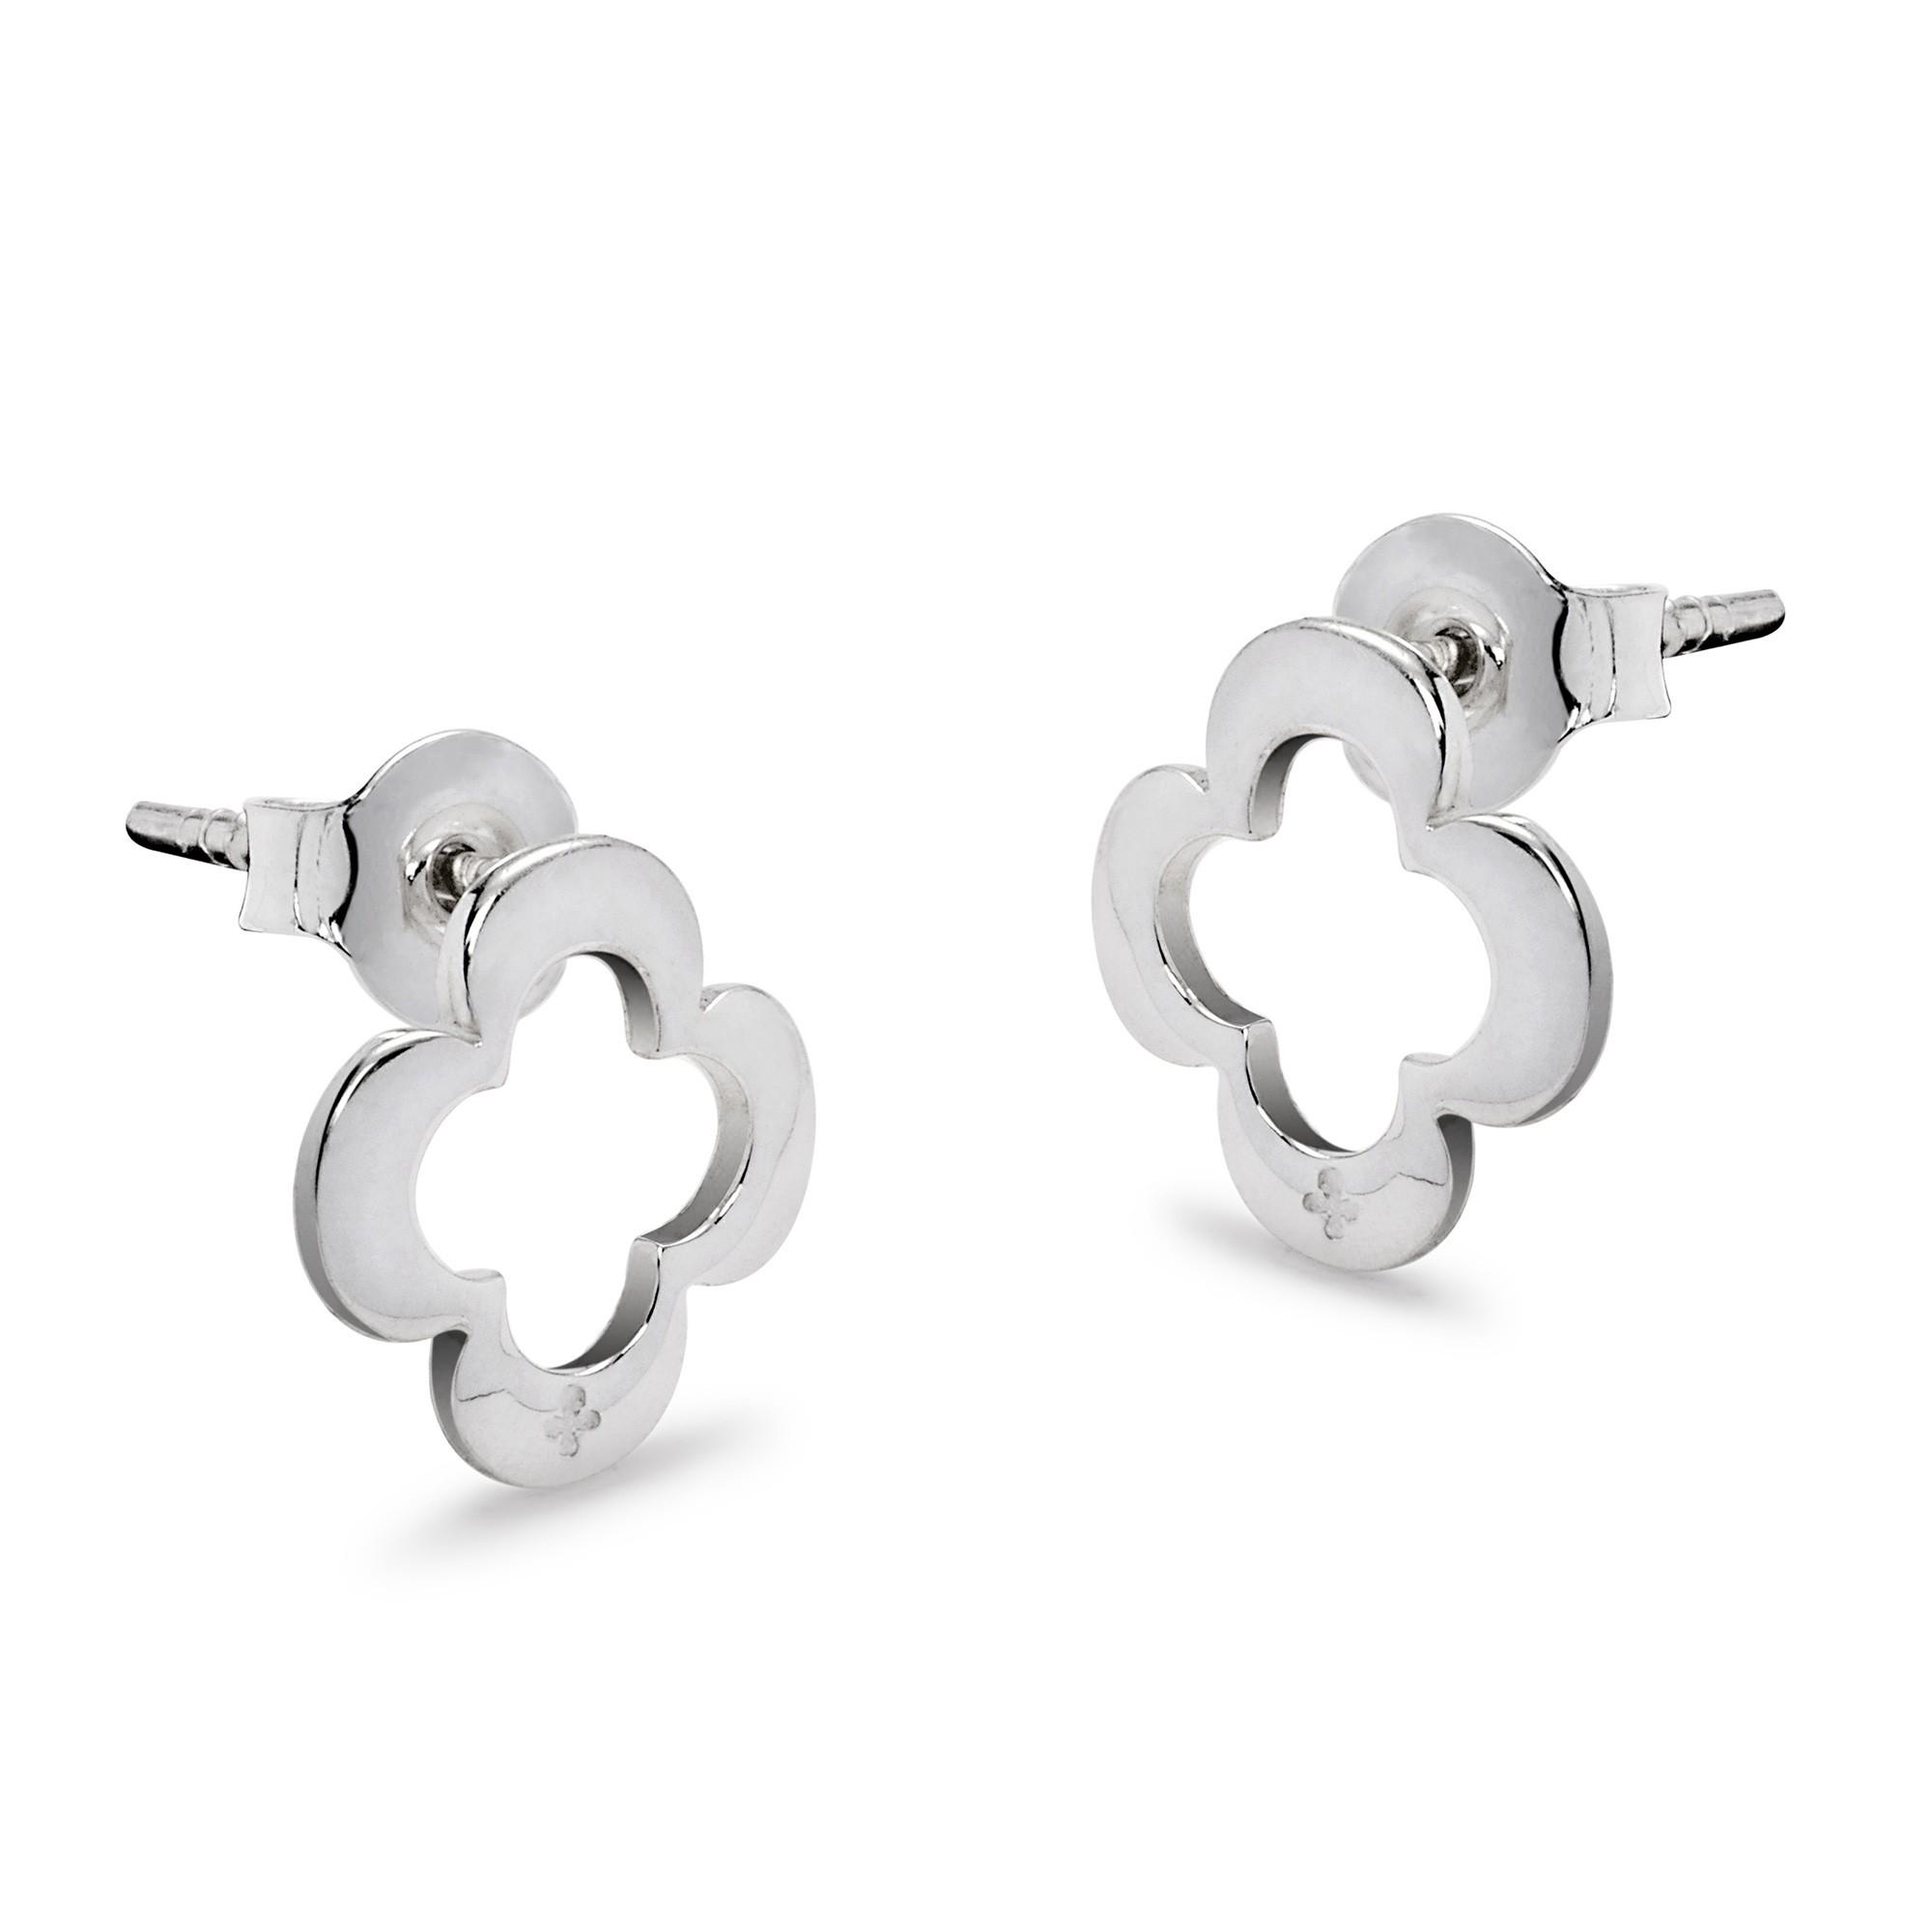 Boucles d'oreilles trèfle ajourées en argent